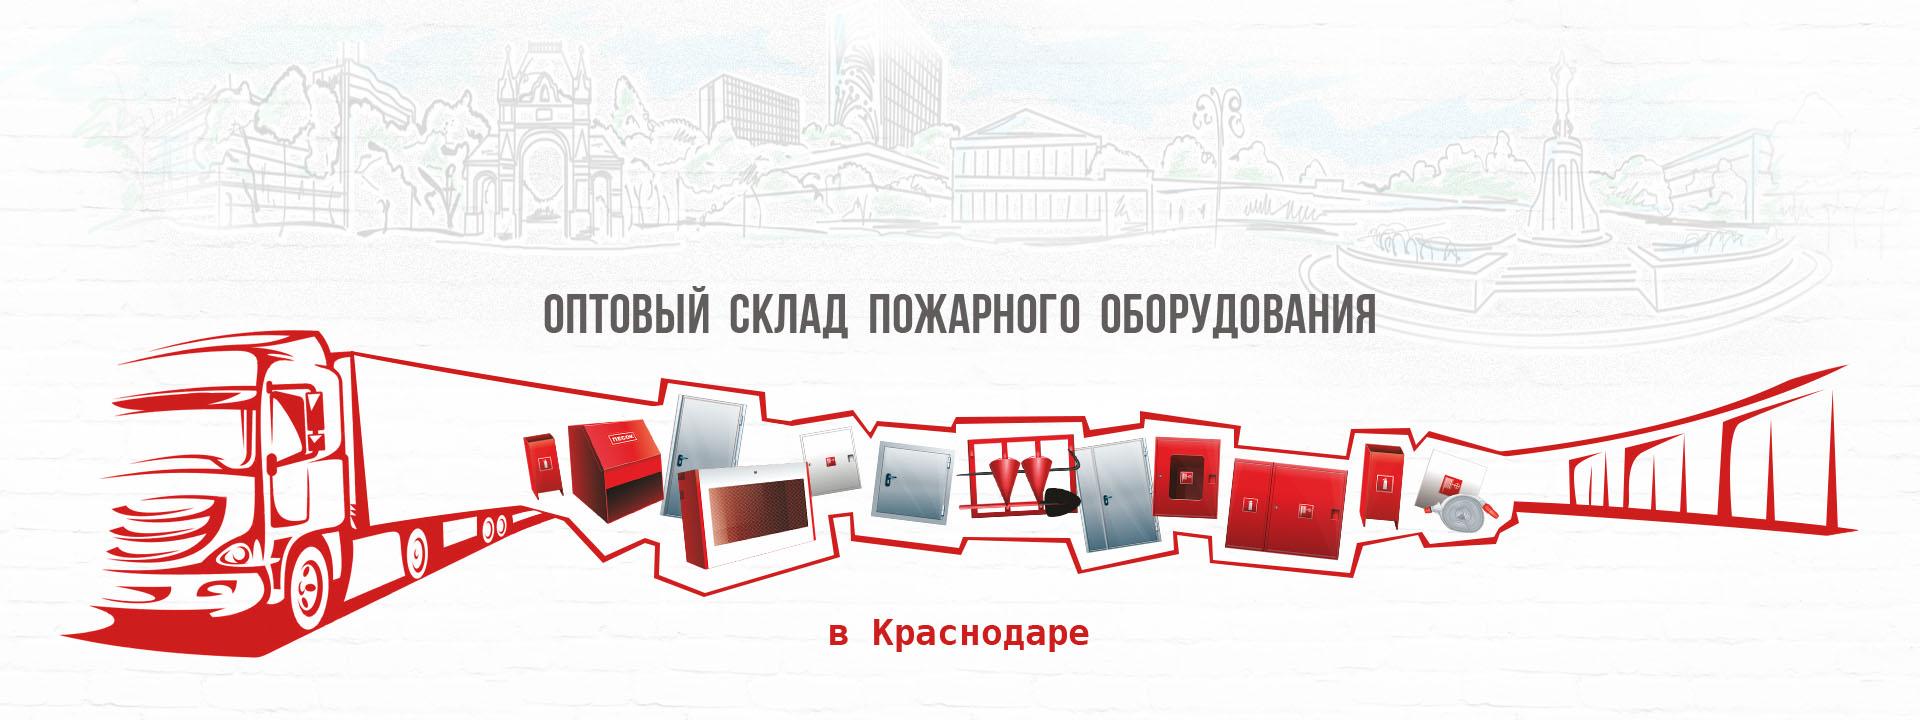 Оптовый склад пожарного оборудования в Краснодаре